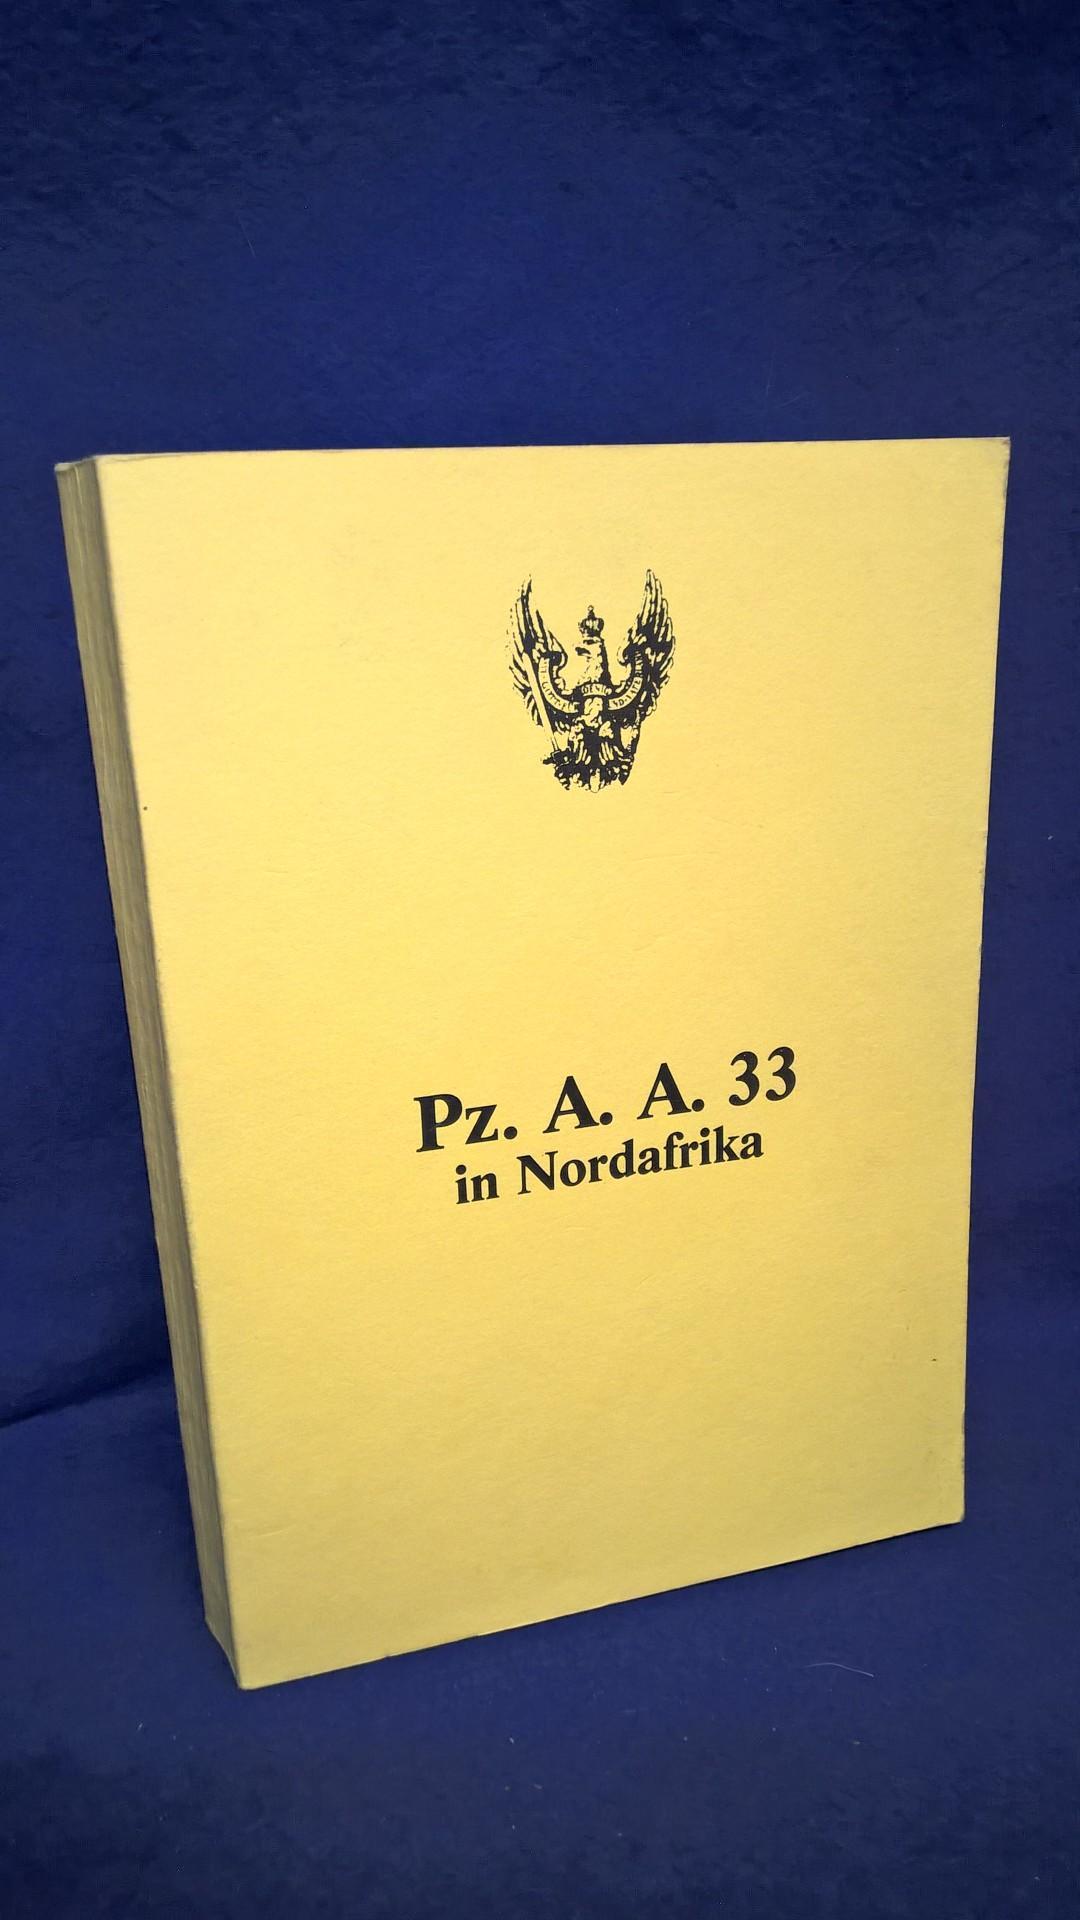 Pz.A.A.33 in Nordafrika.